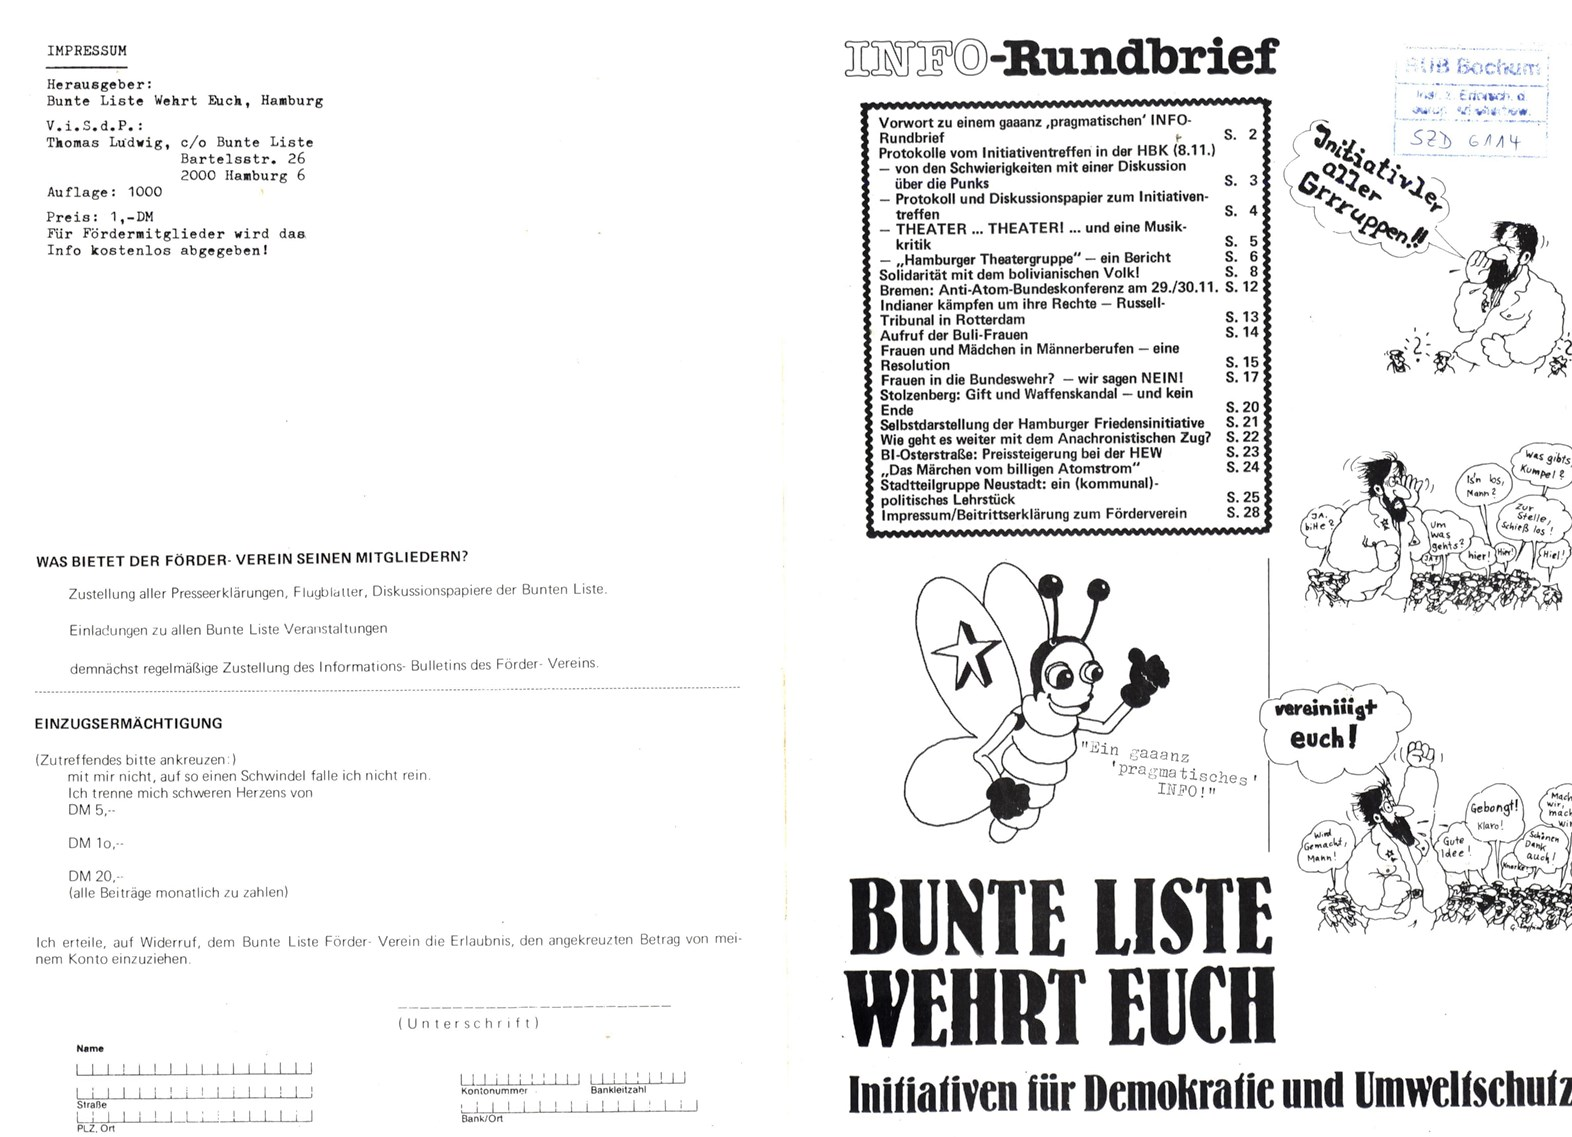 Hamburg_BuLi_Rundbrief_19801100_01